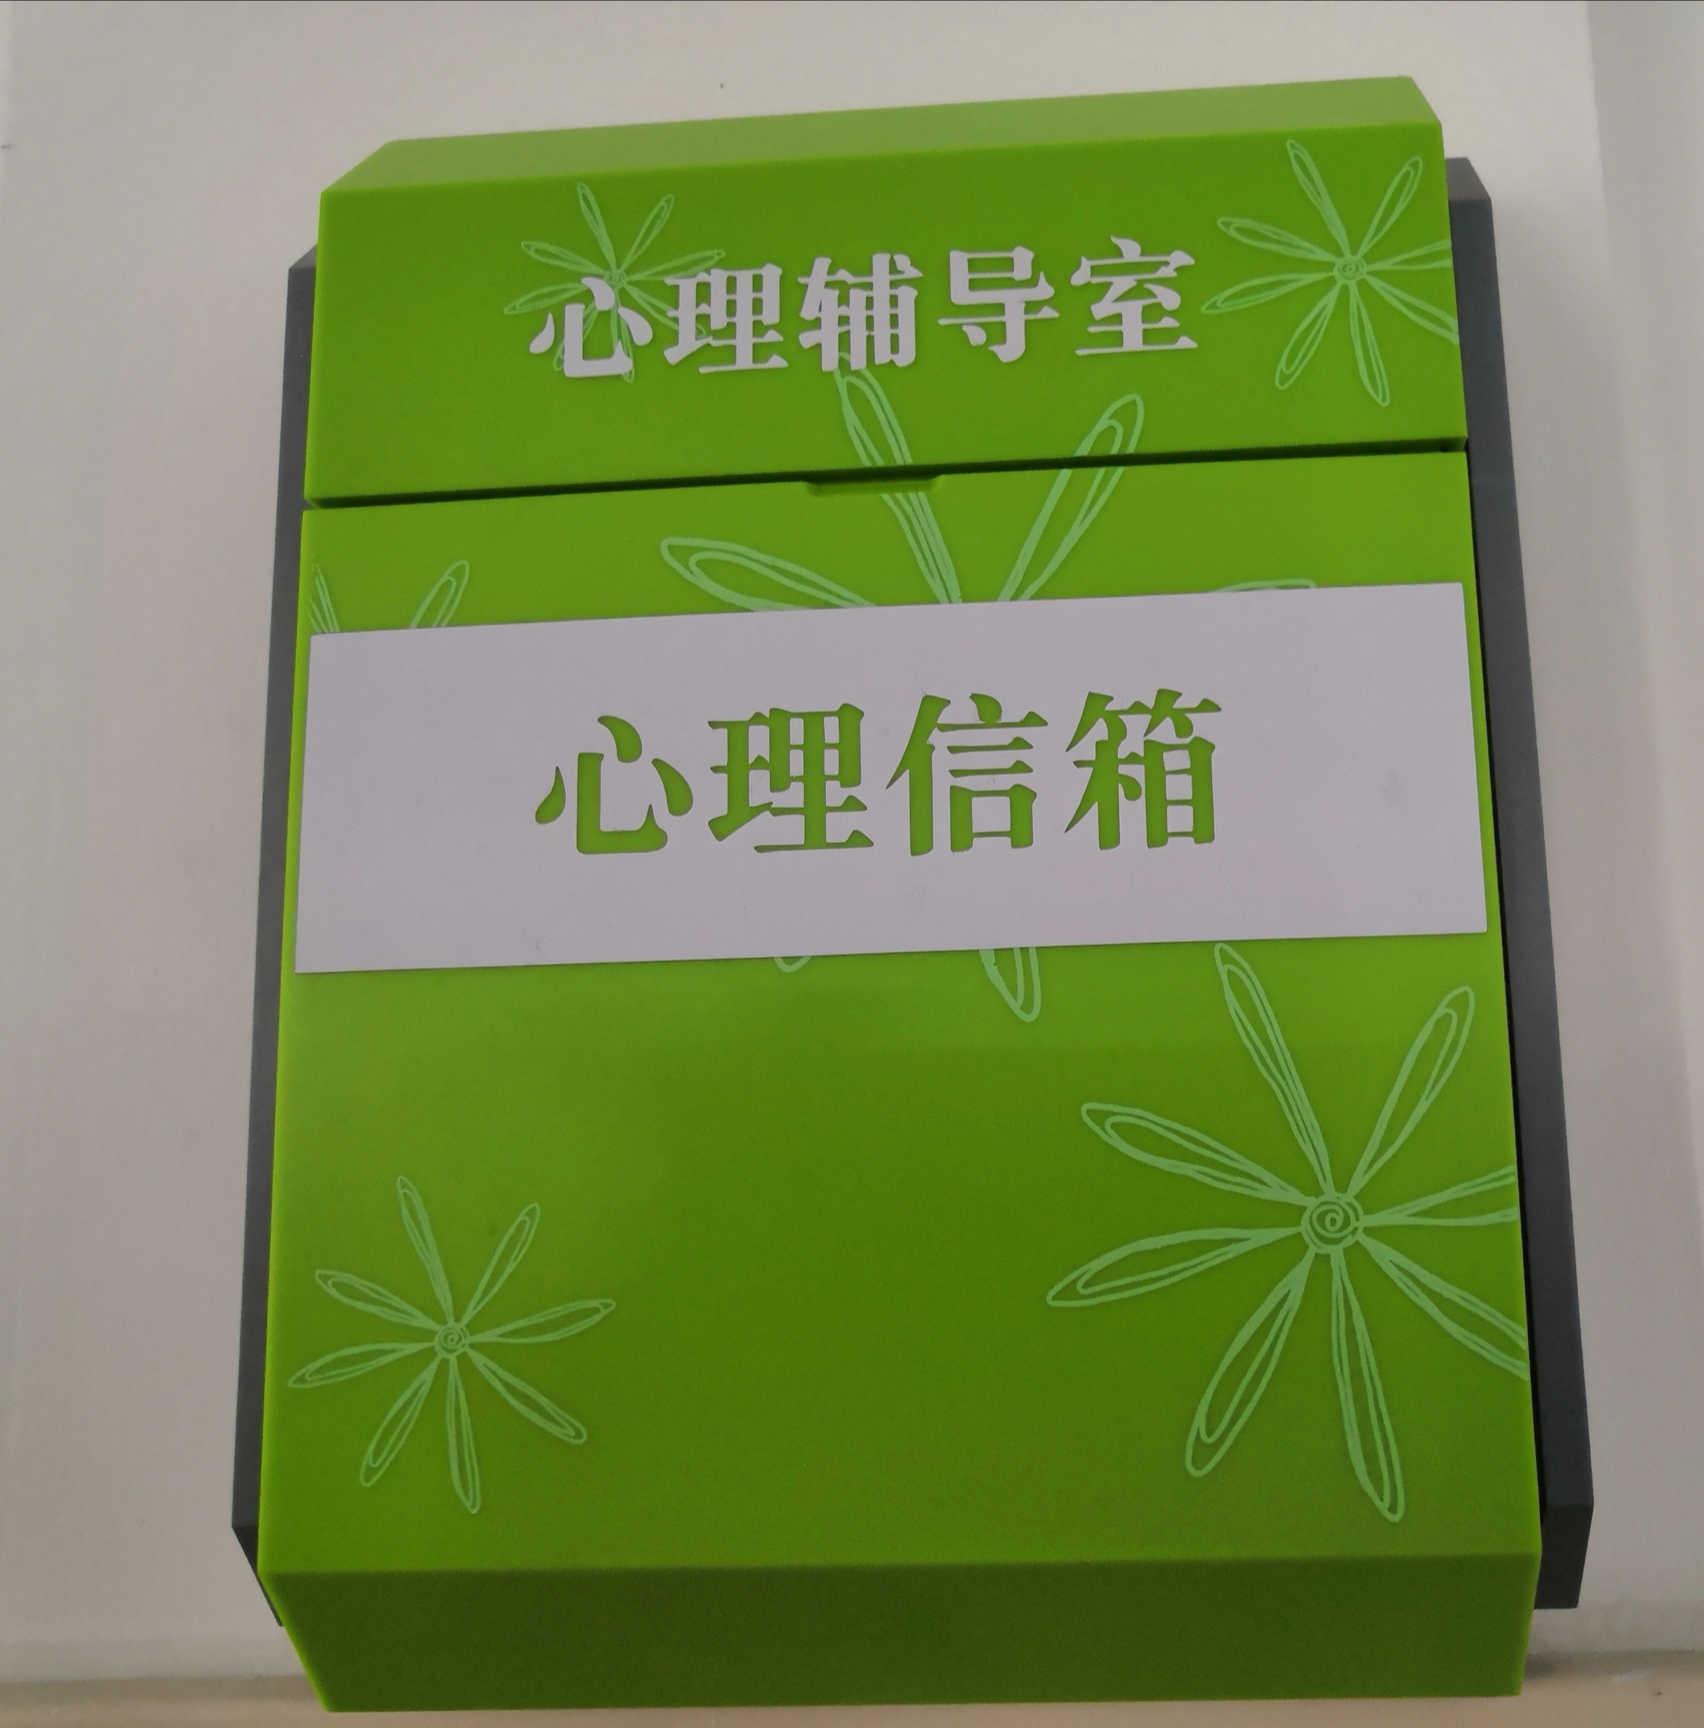 11.11 心语信箱 爱的传递 秦燕.jpg